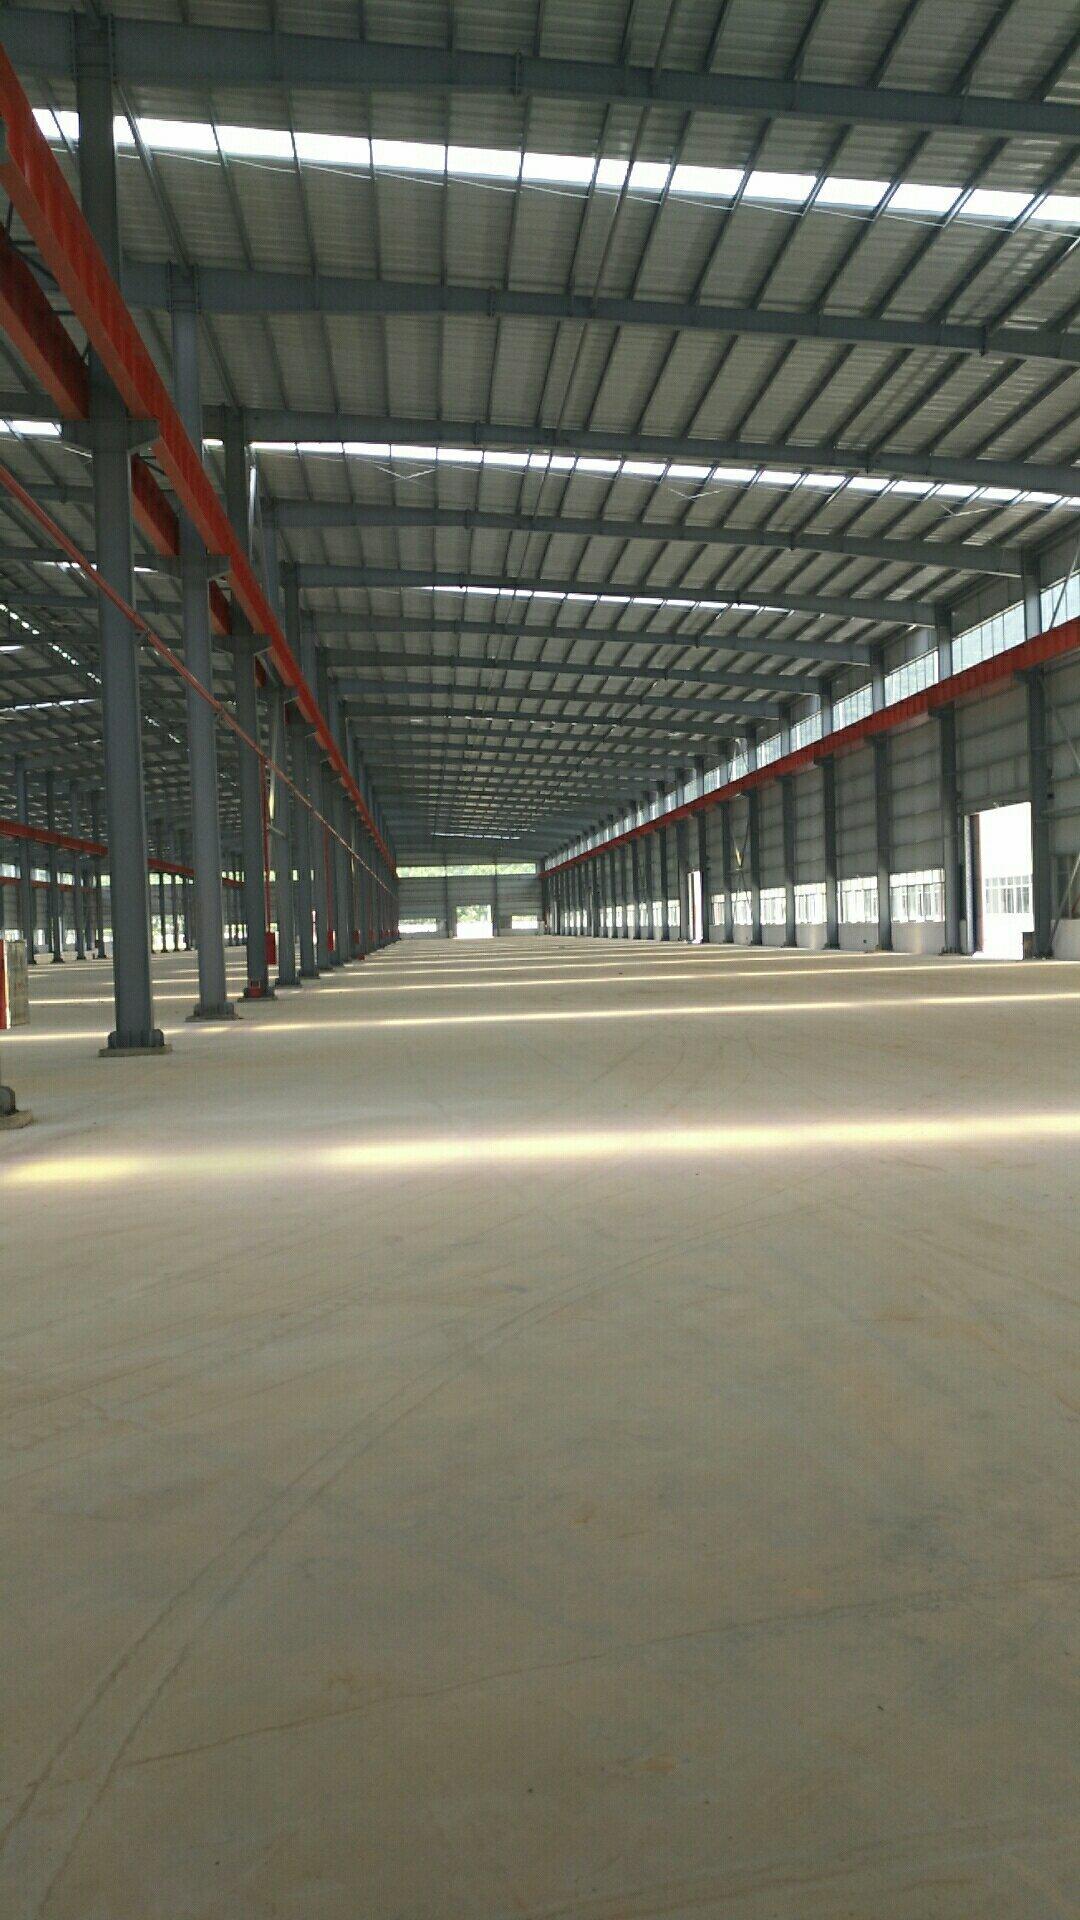 广东省肇庆市带有现成航车轨道全新钢构长度超长厂房出租-图2